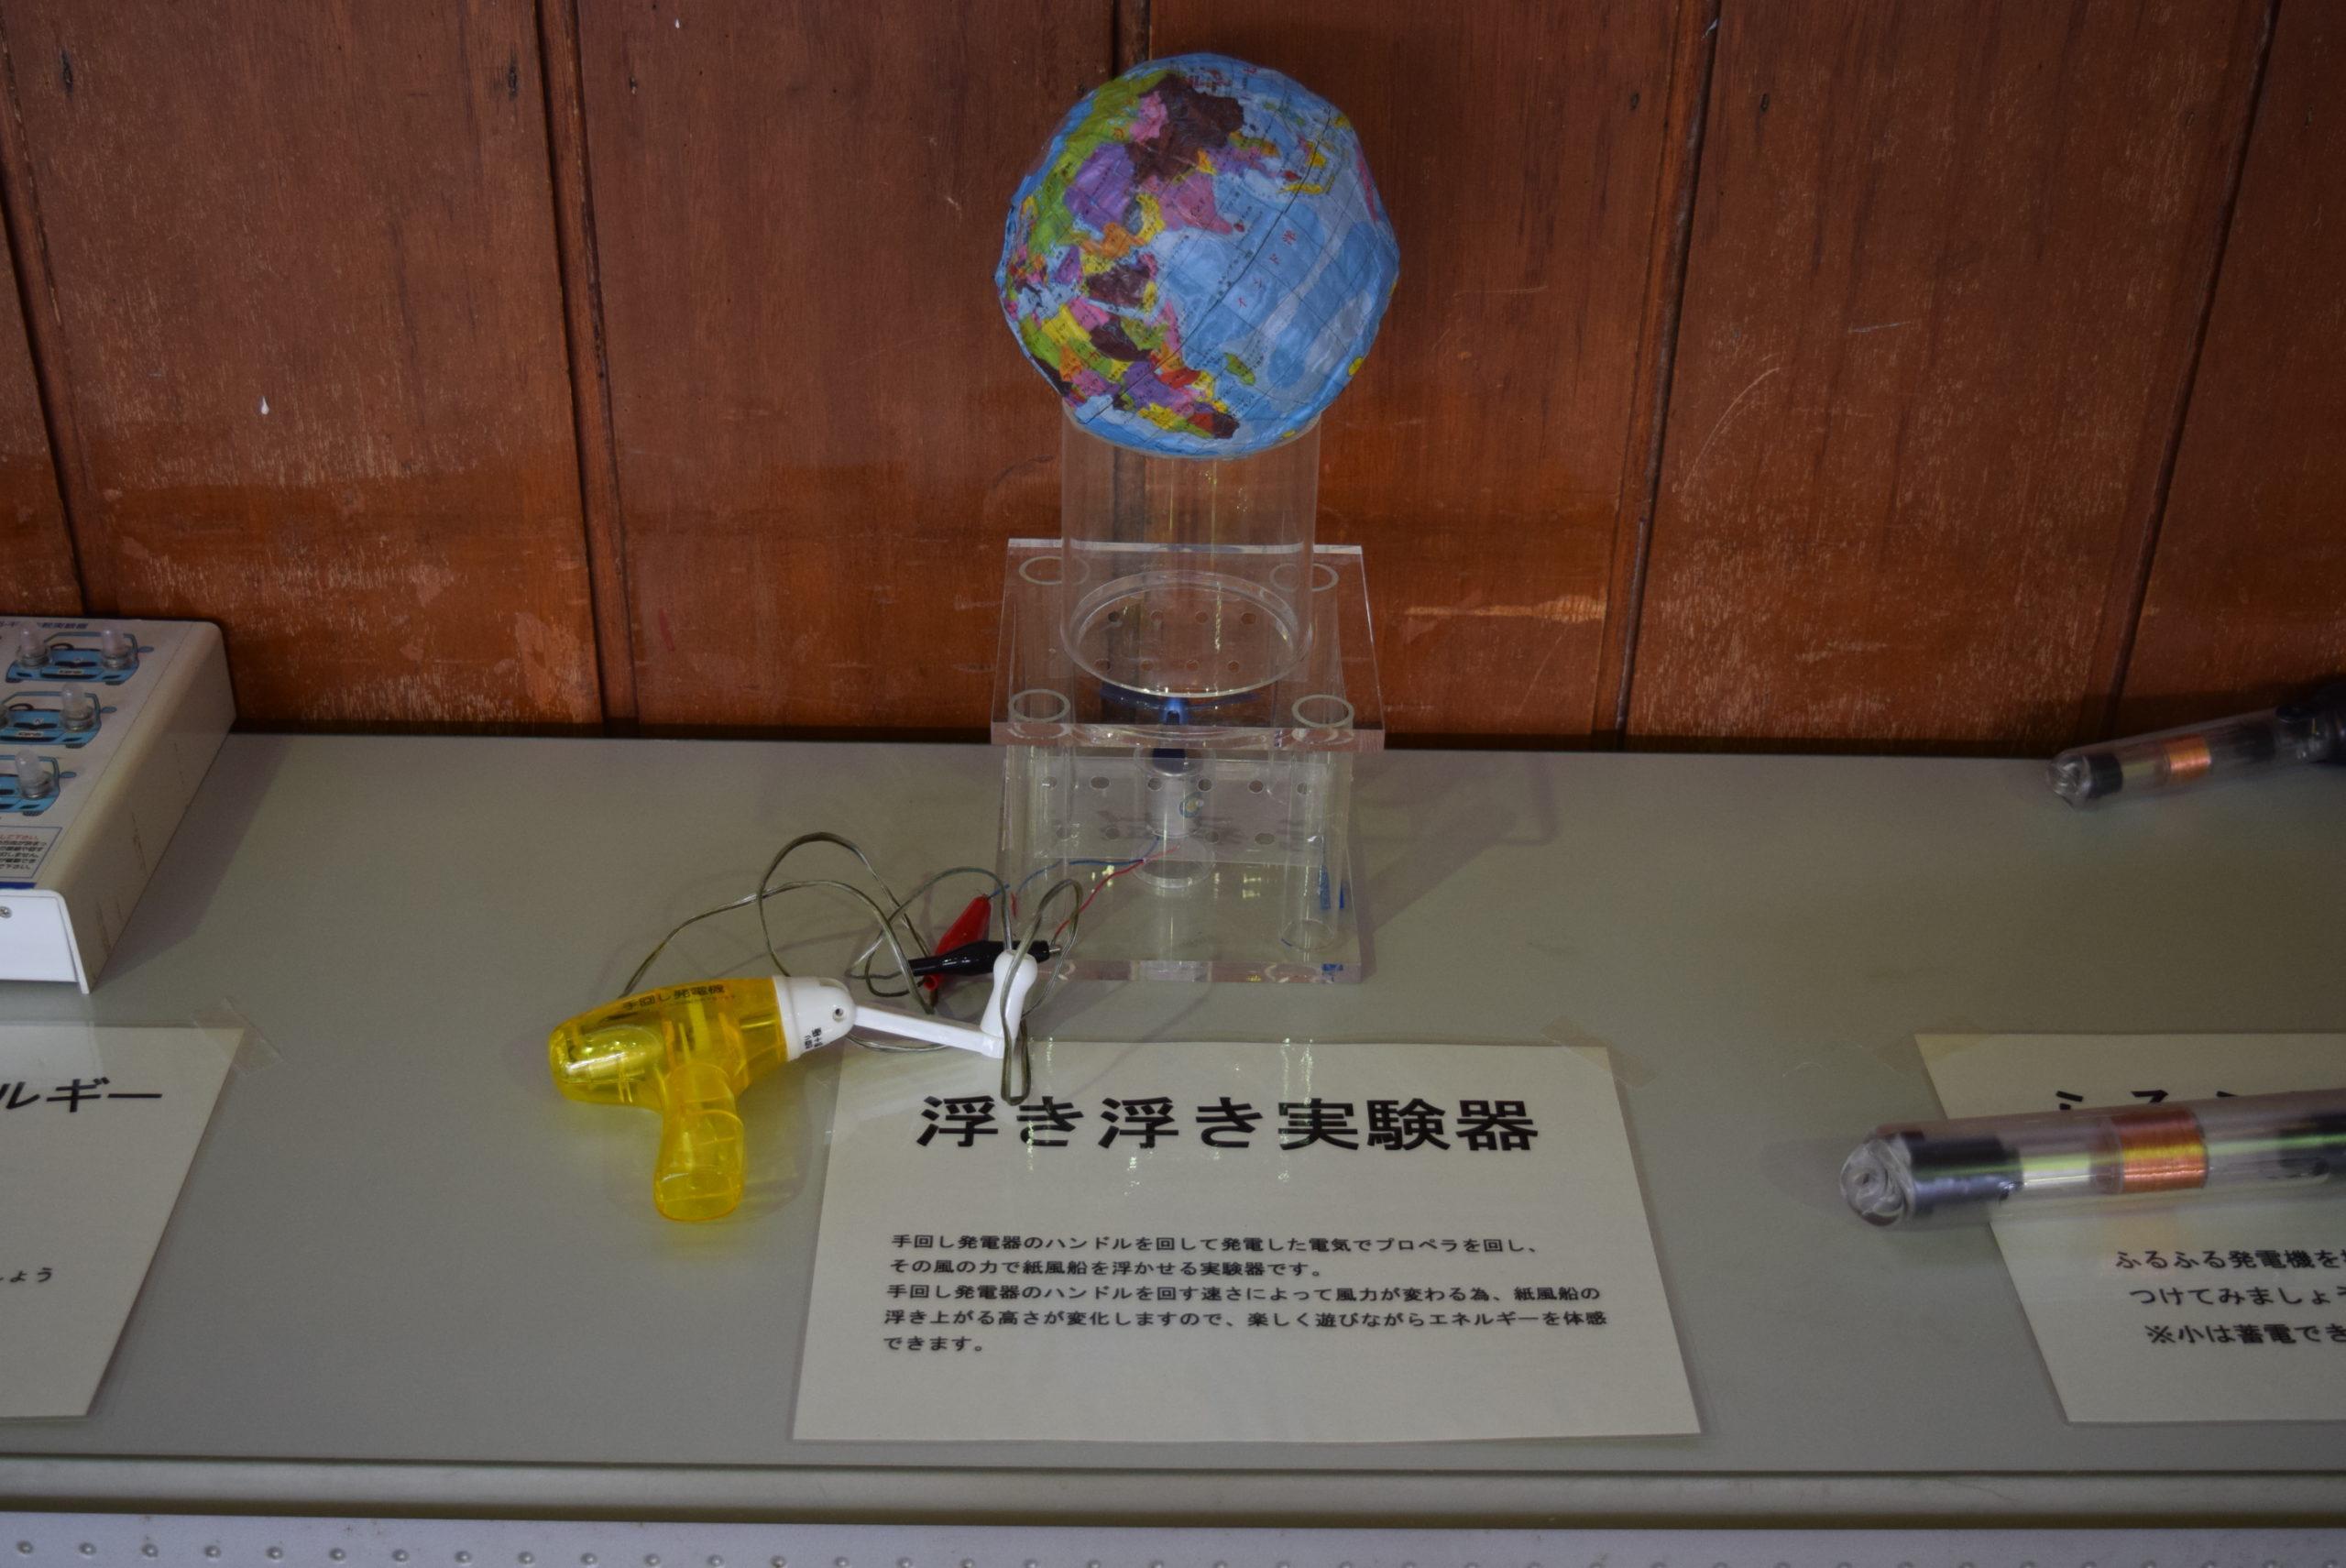 浮き浮き実験器:手回し発電機で電気を起こし、下部にあるモーターを回して空気を送ると、地球儀が浮き上がります。手回しの回数で浮き上がり方を調節できます。